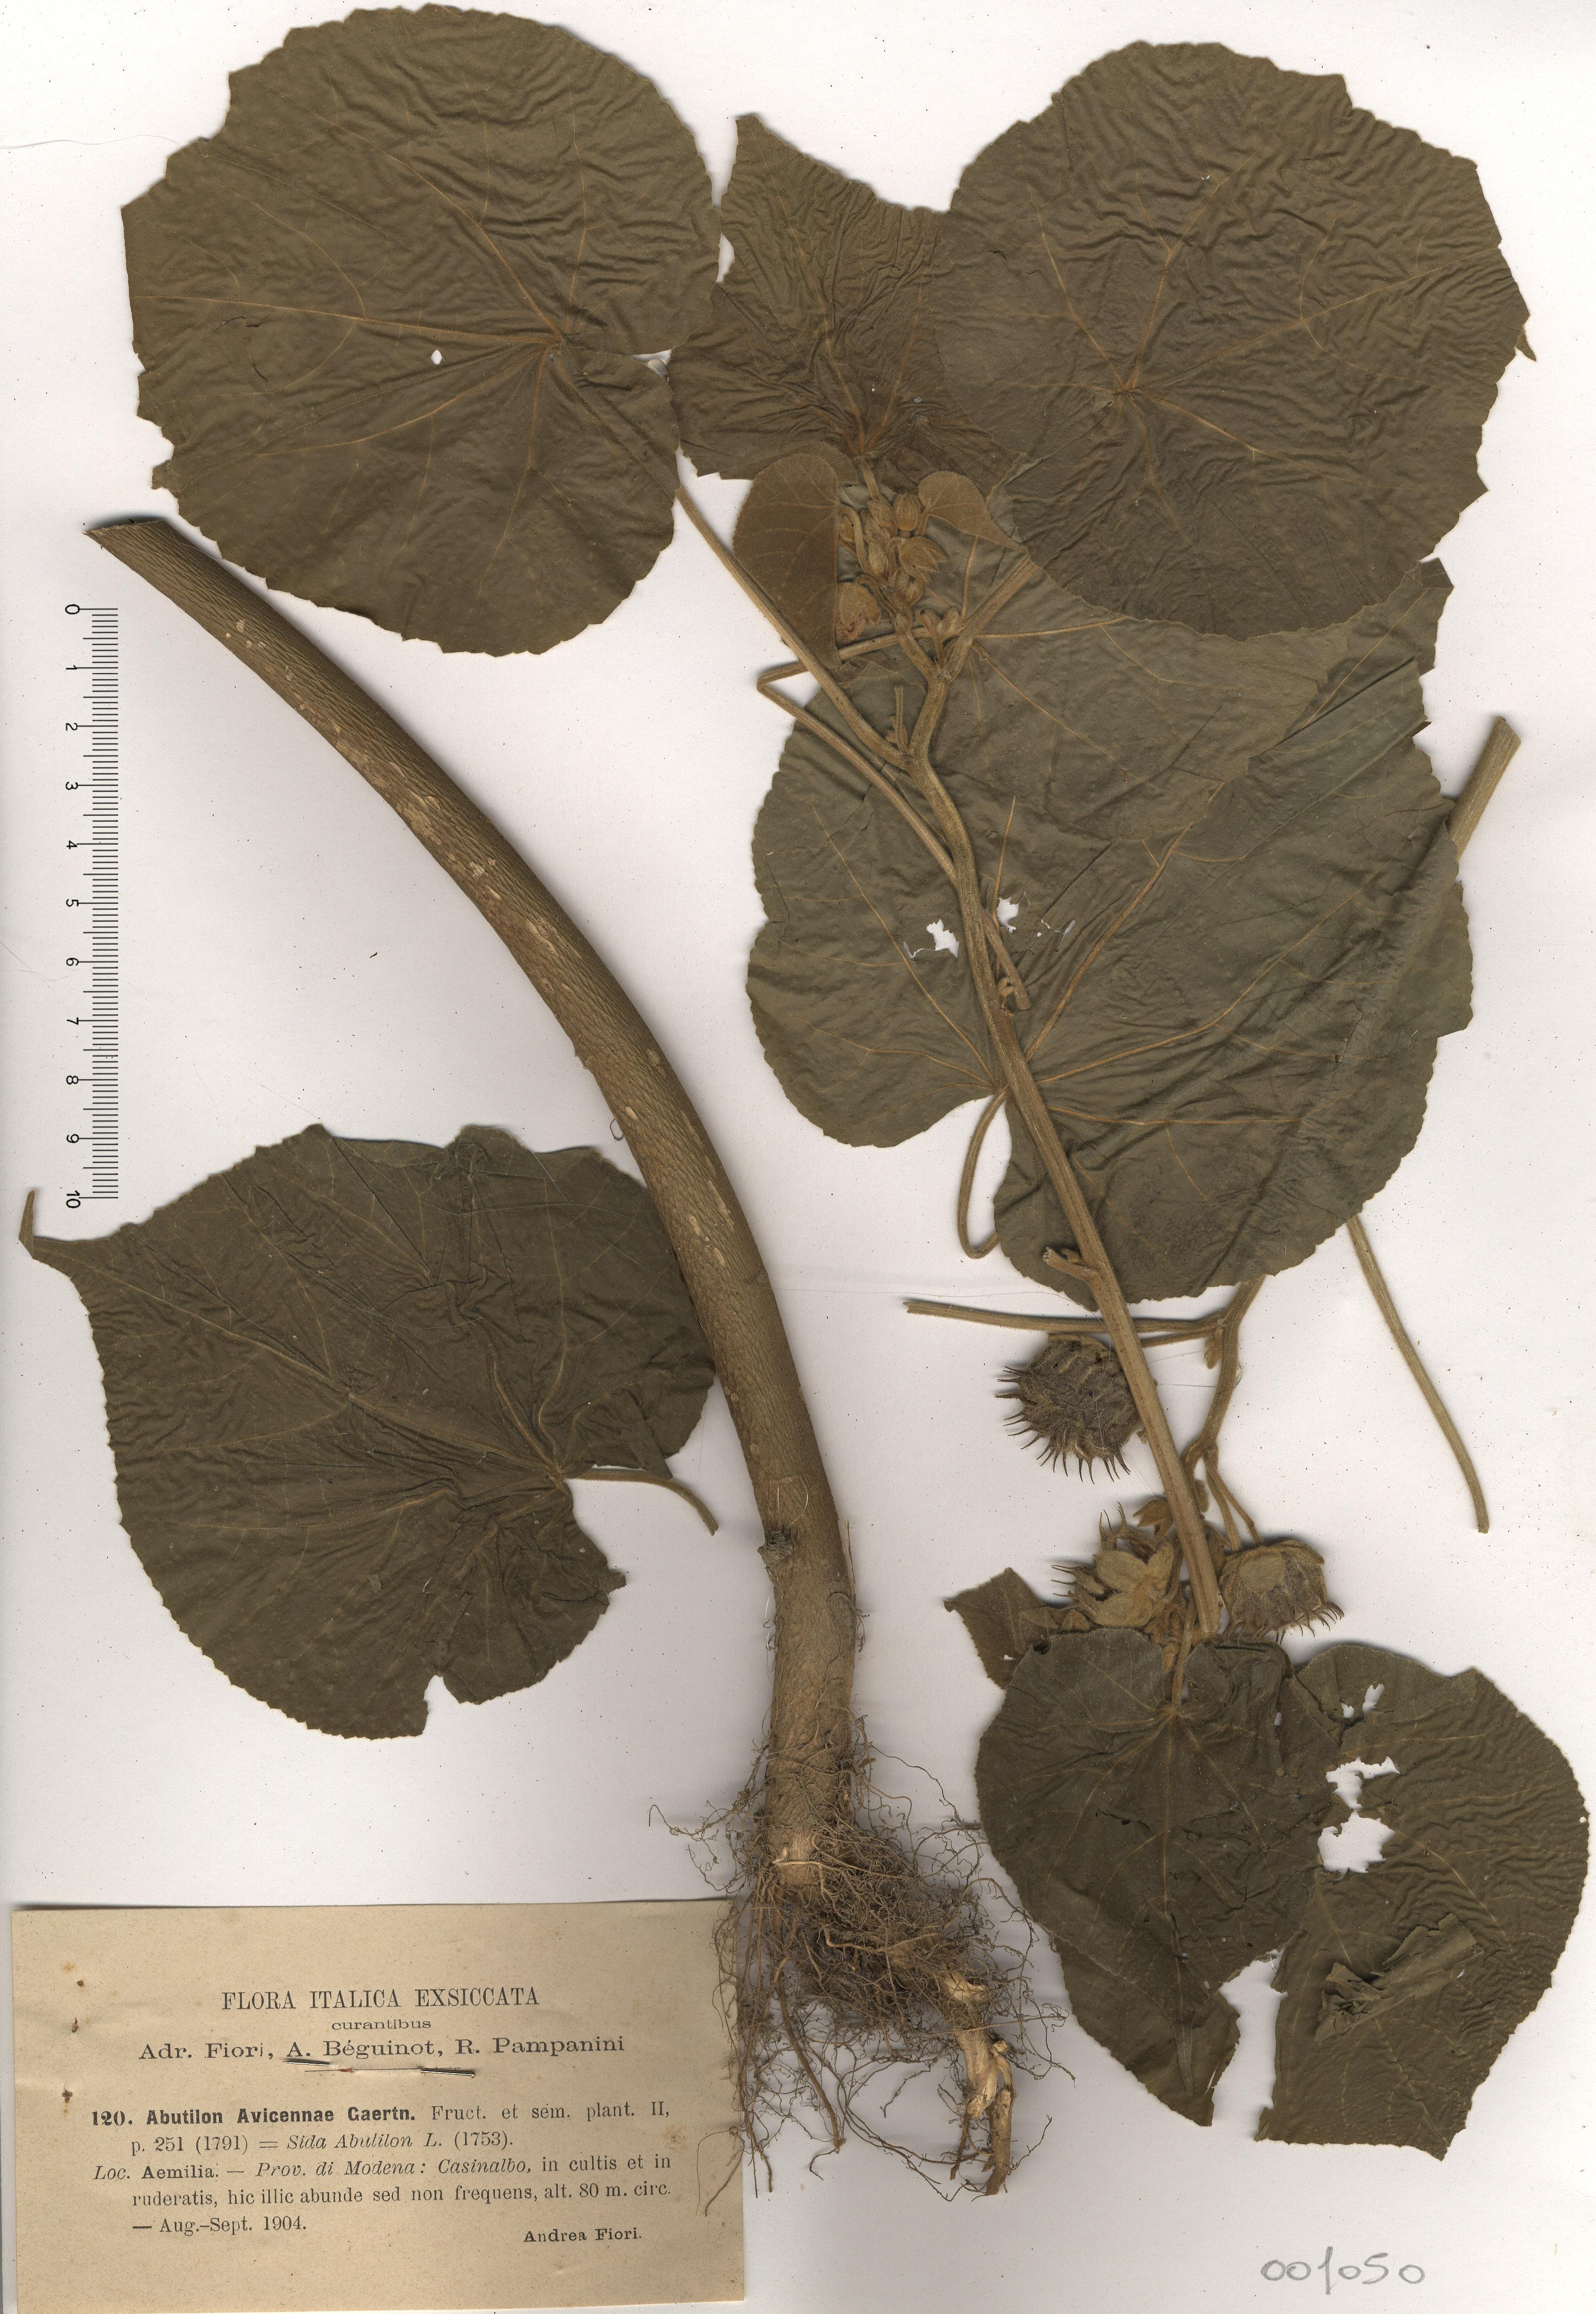 &copy; Hortus Botanicus Catinensis - Herb. sheet 001050<br>